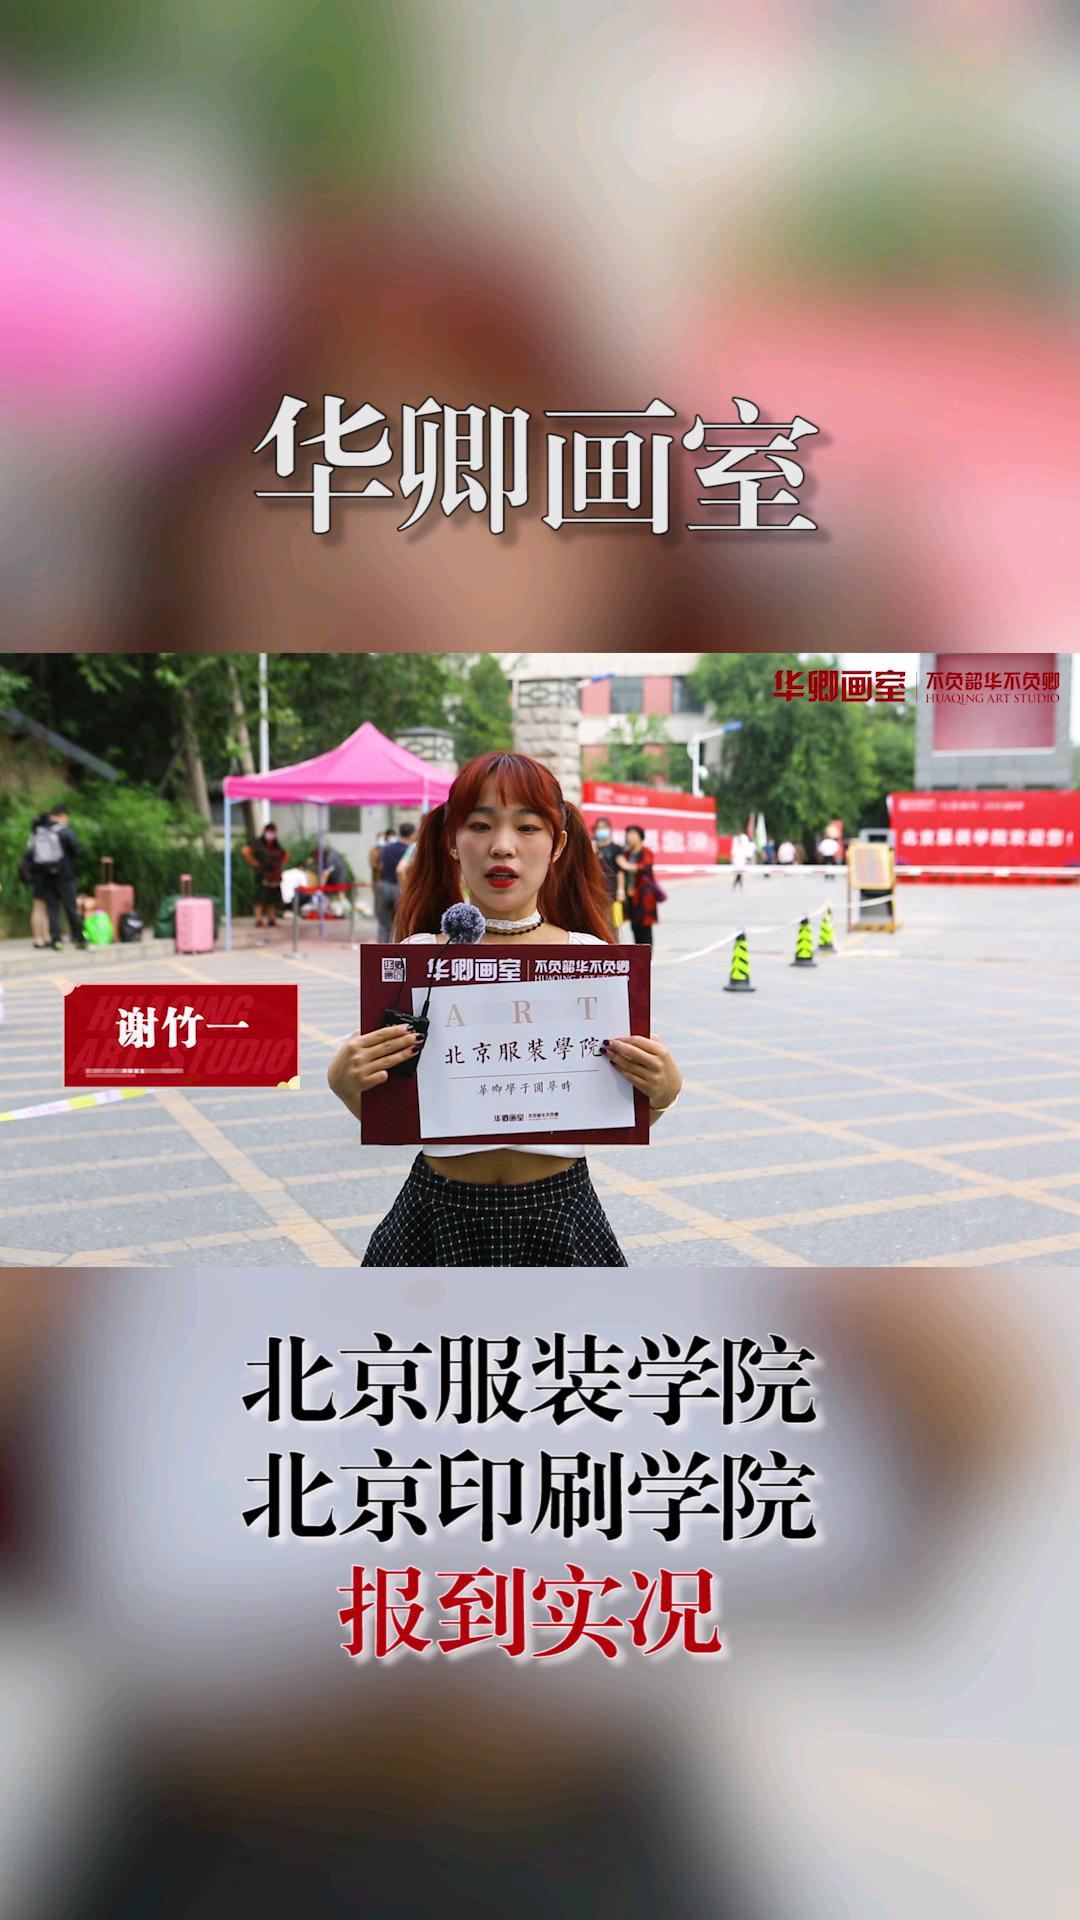 北京印刷學院 華卿學子開學報到啦~!你想奔向哪一個等你的學姐學長呢? #藝術生   #美術生